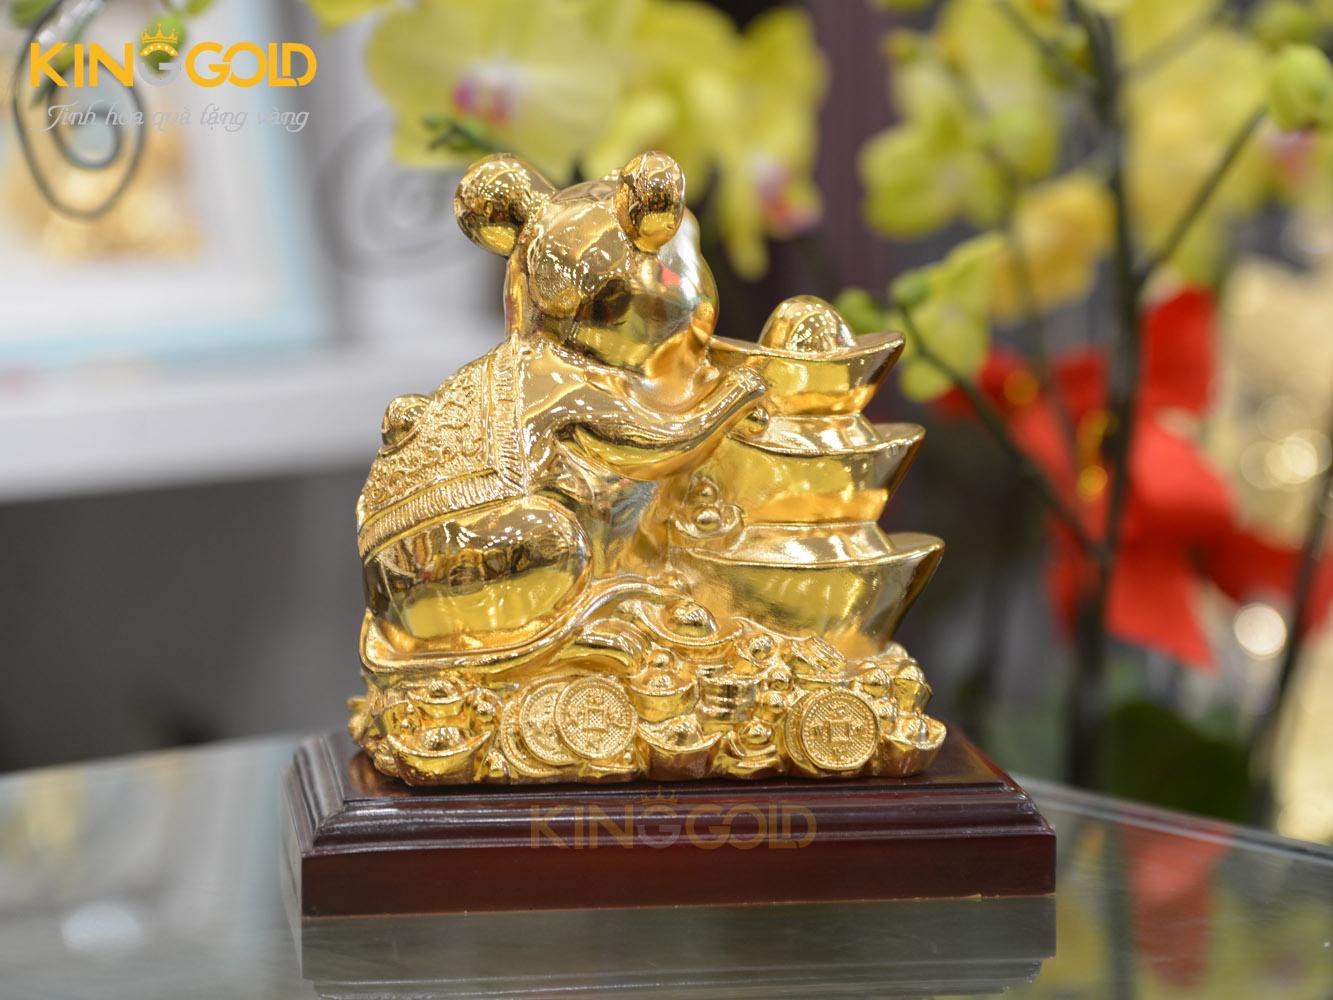 Quà tặng phong thủy- Tượng chuột tài lộc bên Kim Nguyên Bảo dát vàng0